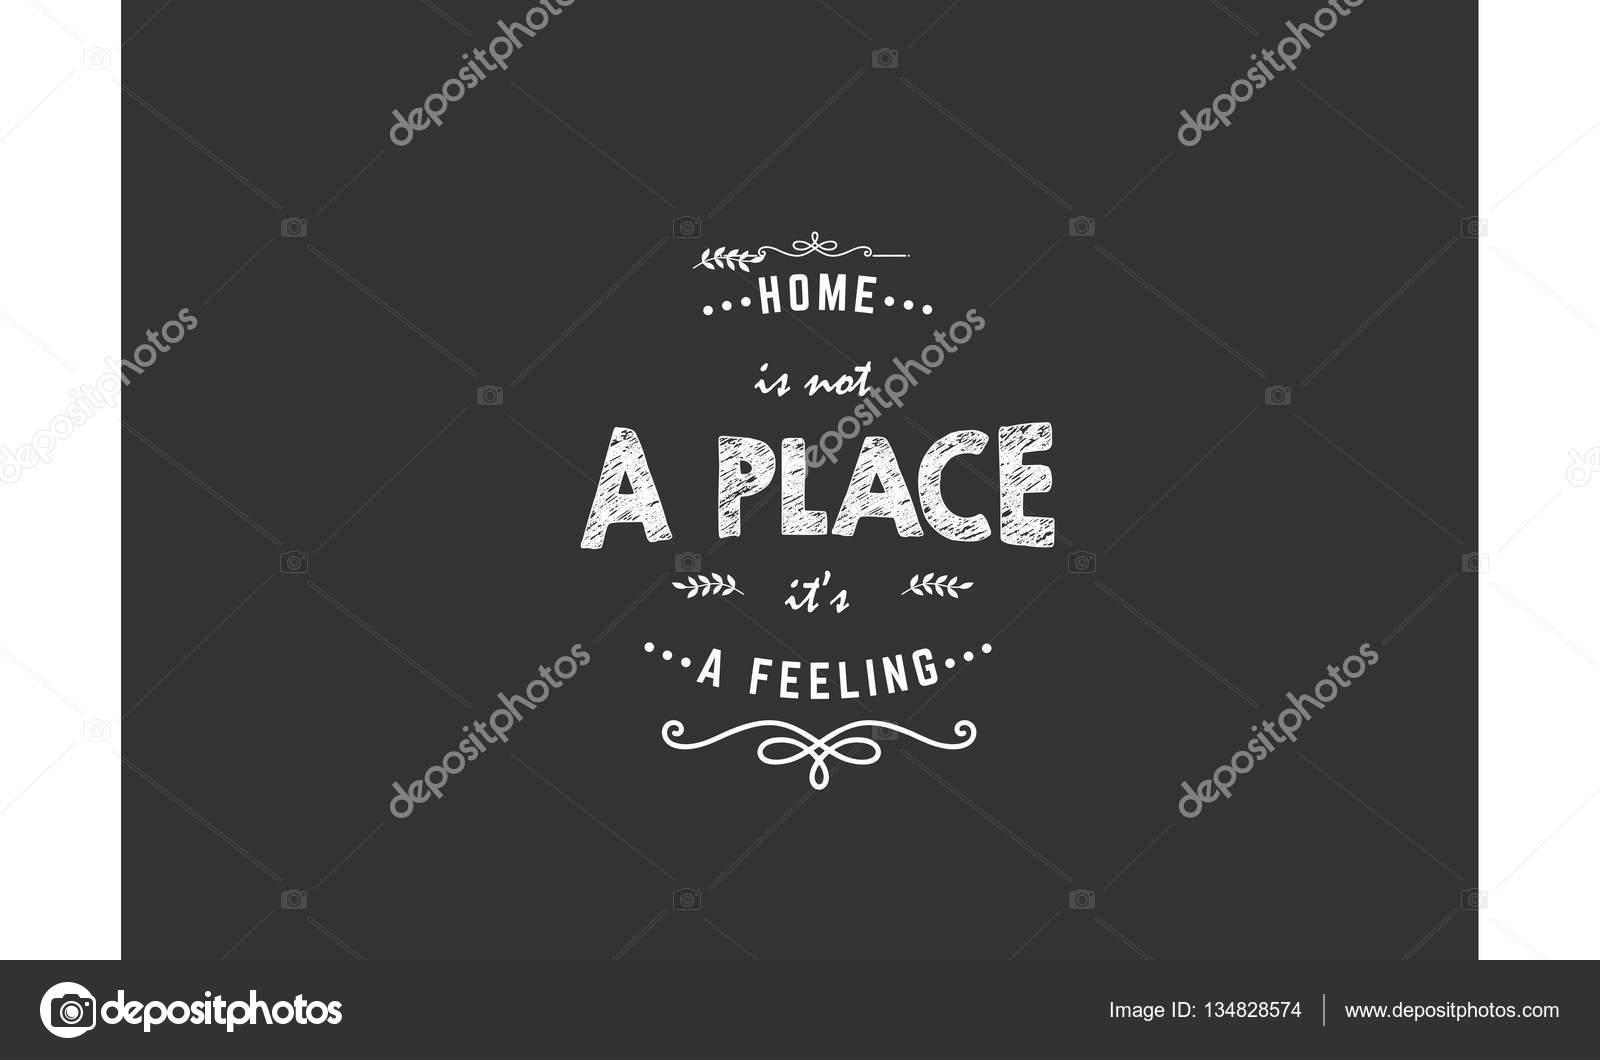 Imagenes Descargar Haciendo El Amor Con Frases Citas Inspiradoras